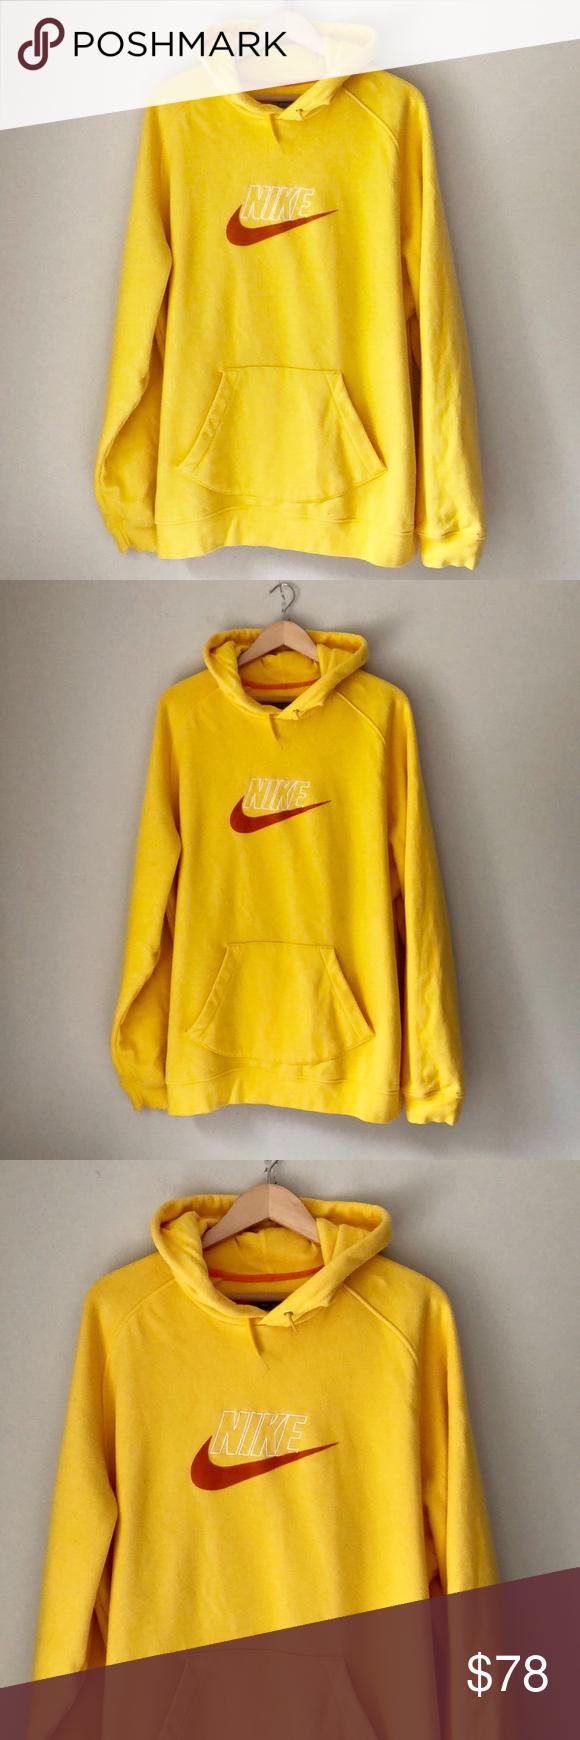 Nike Yellow Swoosh Sweatshirt Hoodie Sweatshirts Sweatshirts Hoodie Clothes Design [ 1740 x 580 Pixel ]